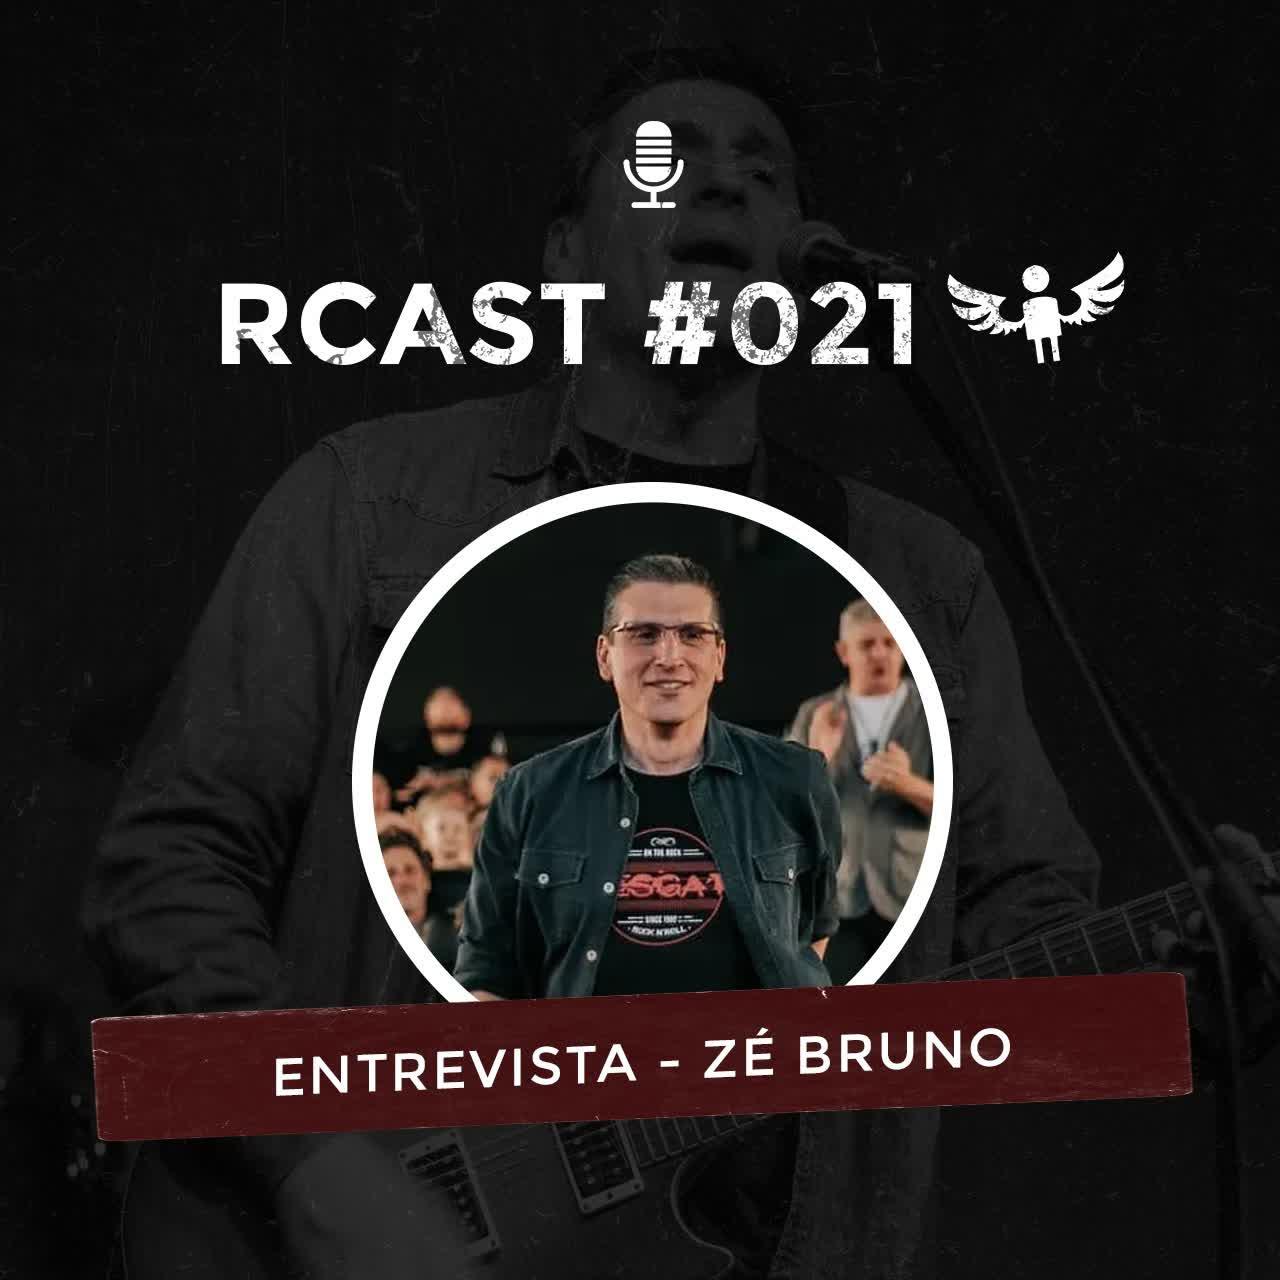 RCast #021 - ENTREVISTA COM ZÉ BRUNO